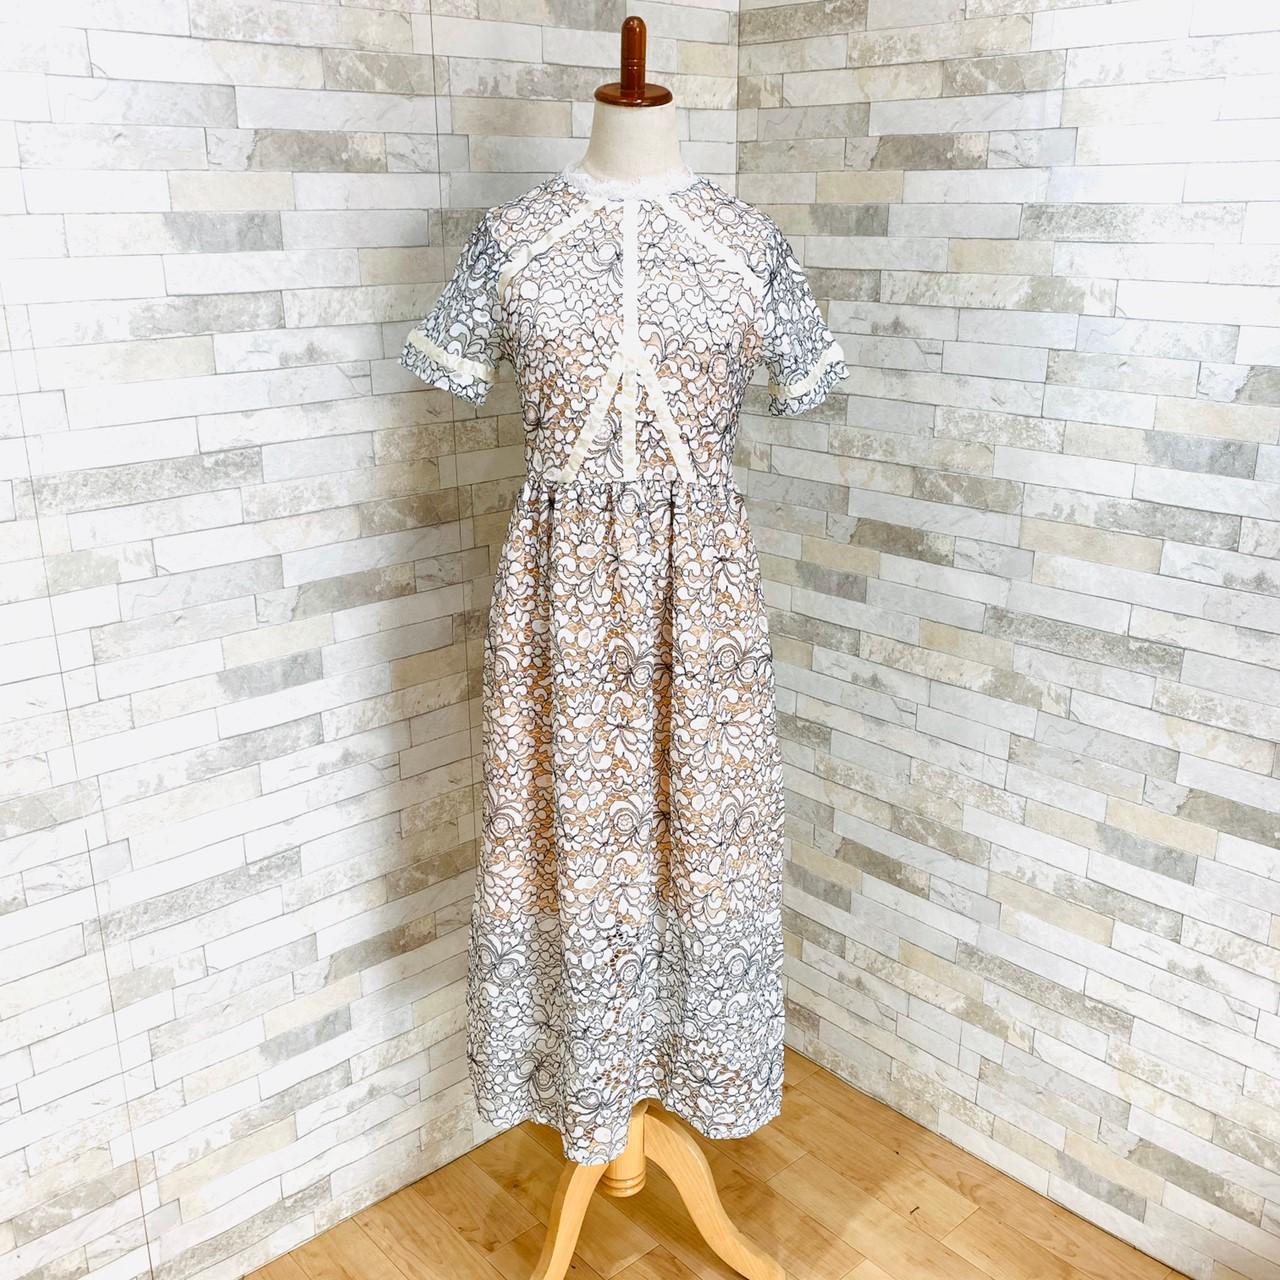 【即納】韓国 ファッション ワンピース パーティードレス ロング マキシ 夏 春 パーティー ブライダル SPTXE760 結婚式 お呼ばれ 総レース スタンドカラー ギャザ 二次会 セレブ きれいめの写真2枚目